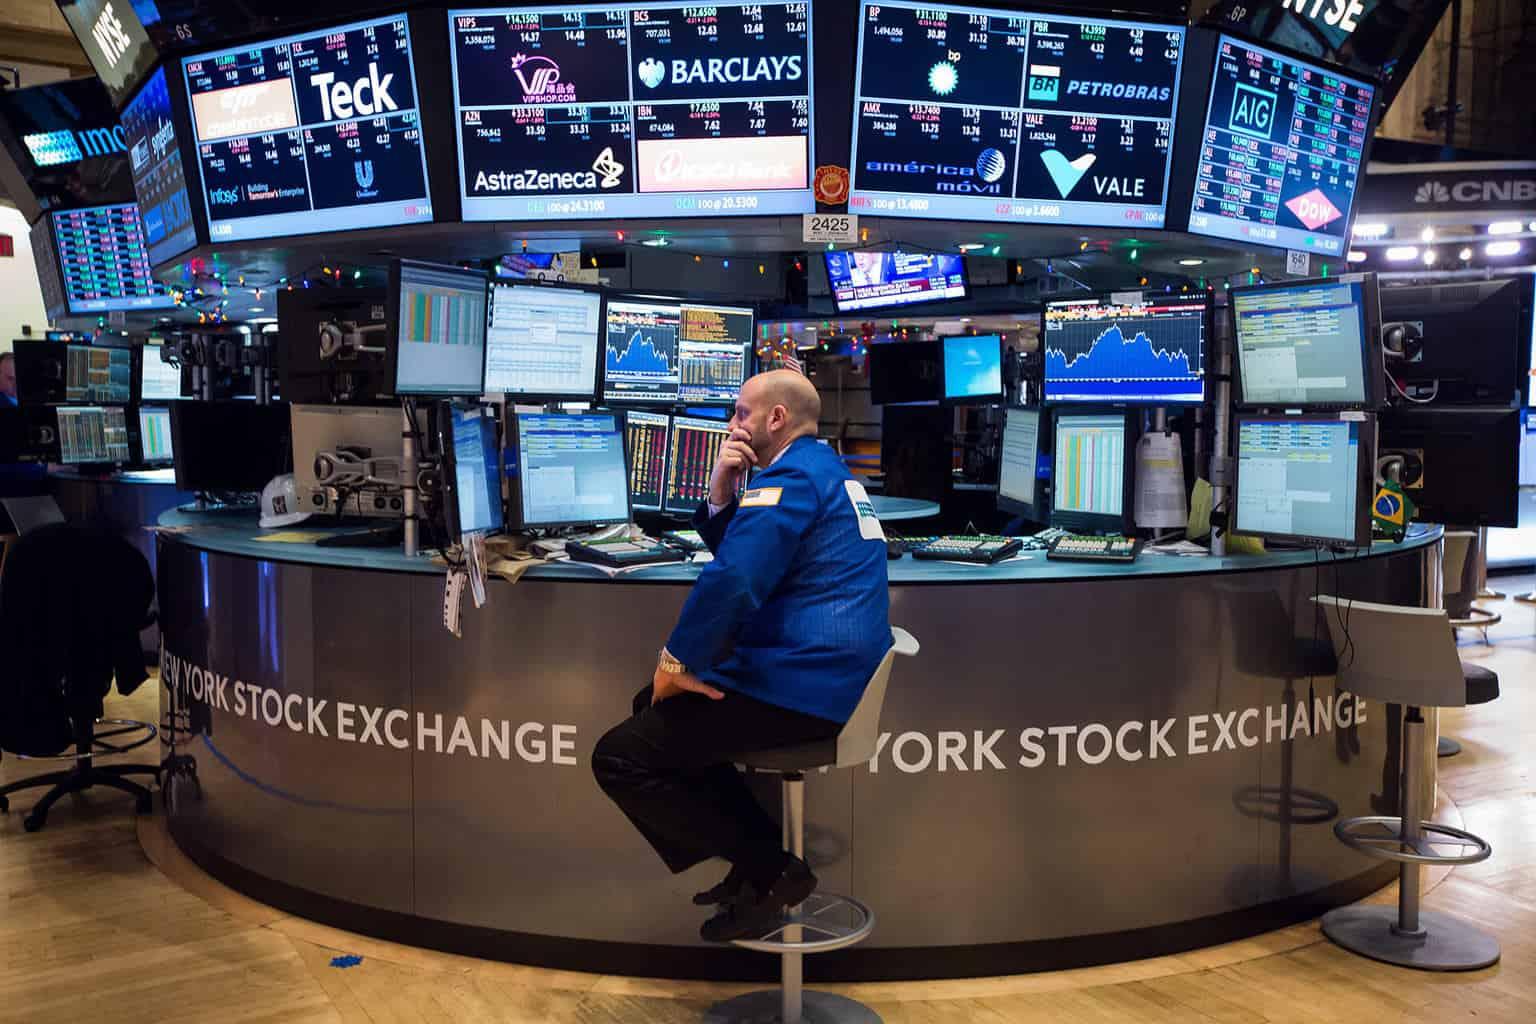 New York Stock Exchange (NYSE) trading floor